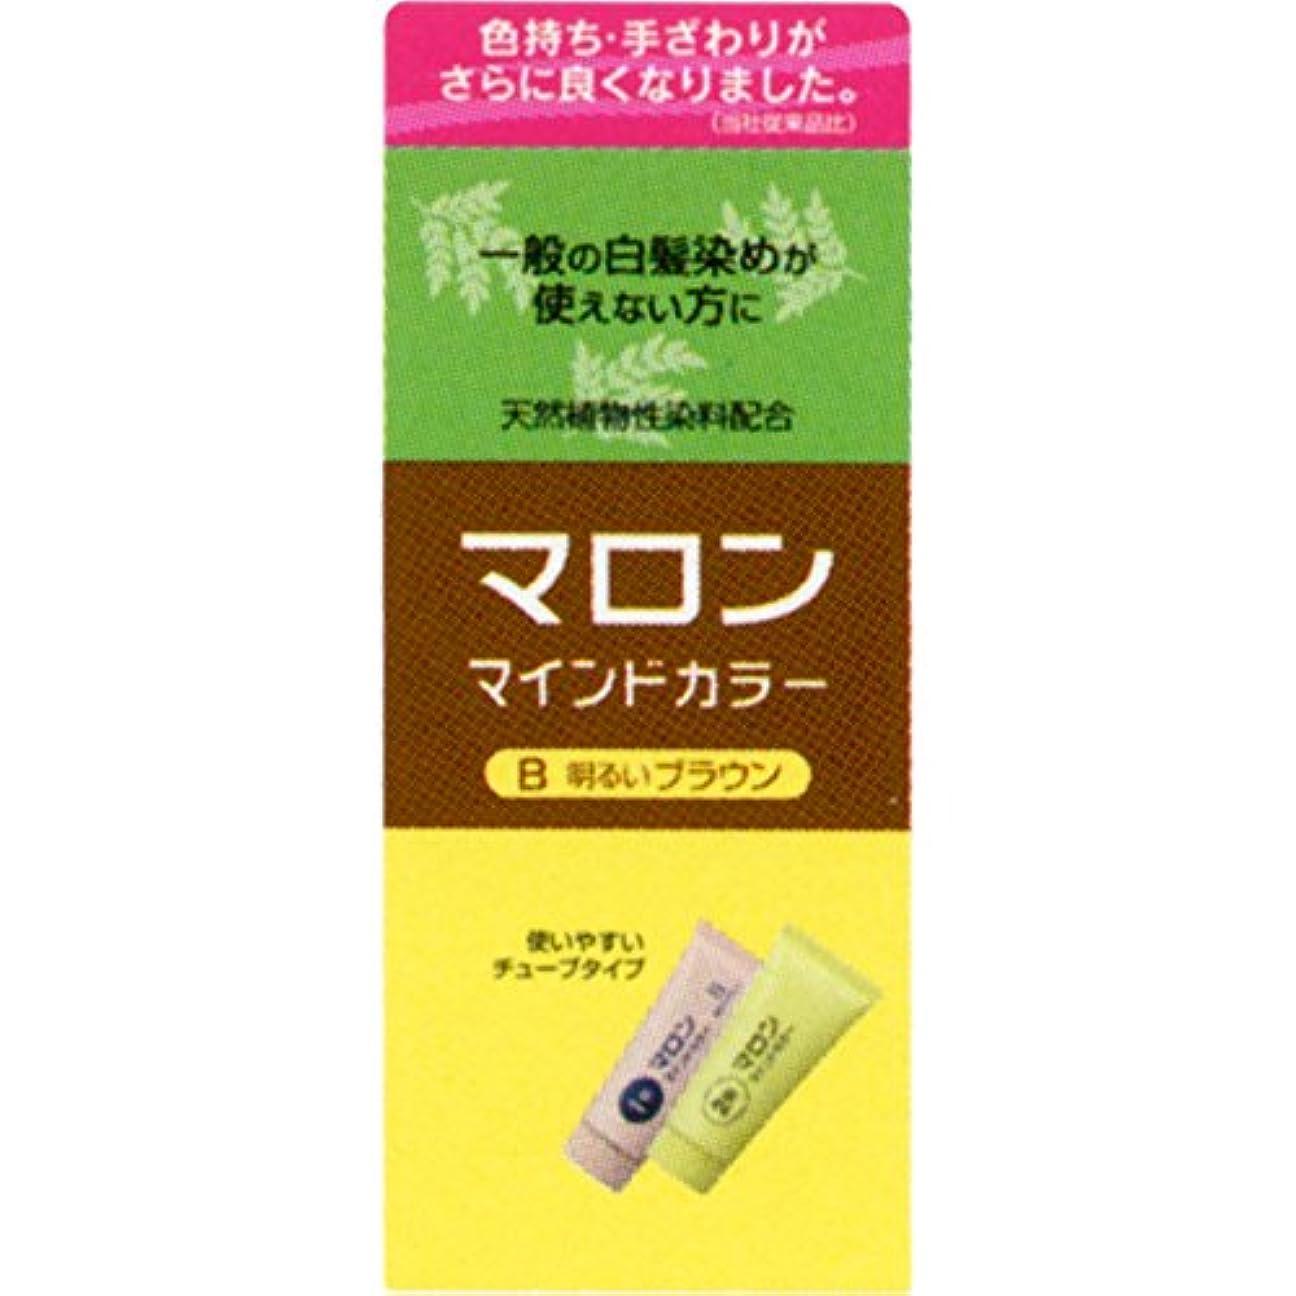 価格アクチュエータスキムヘンケルライオンコスメティックス マロン マインドカラー B 明るいブラウン 70G+70G (医薬部外品)